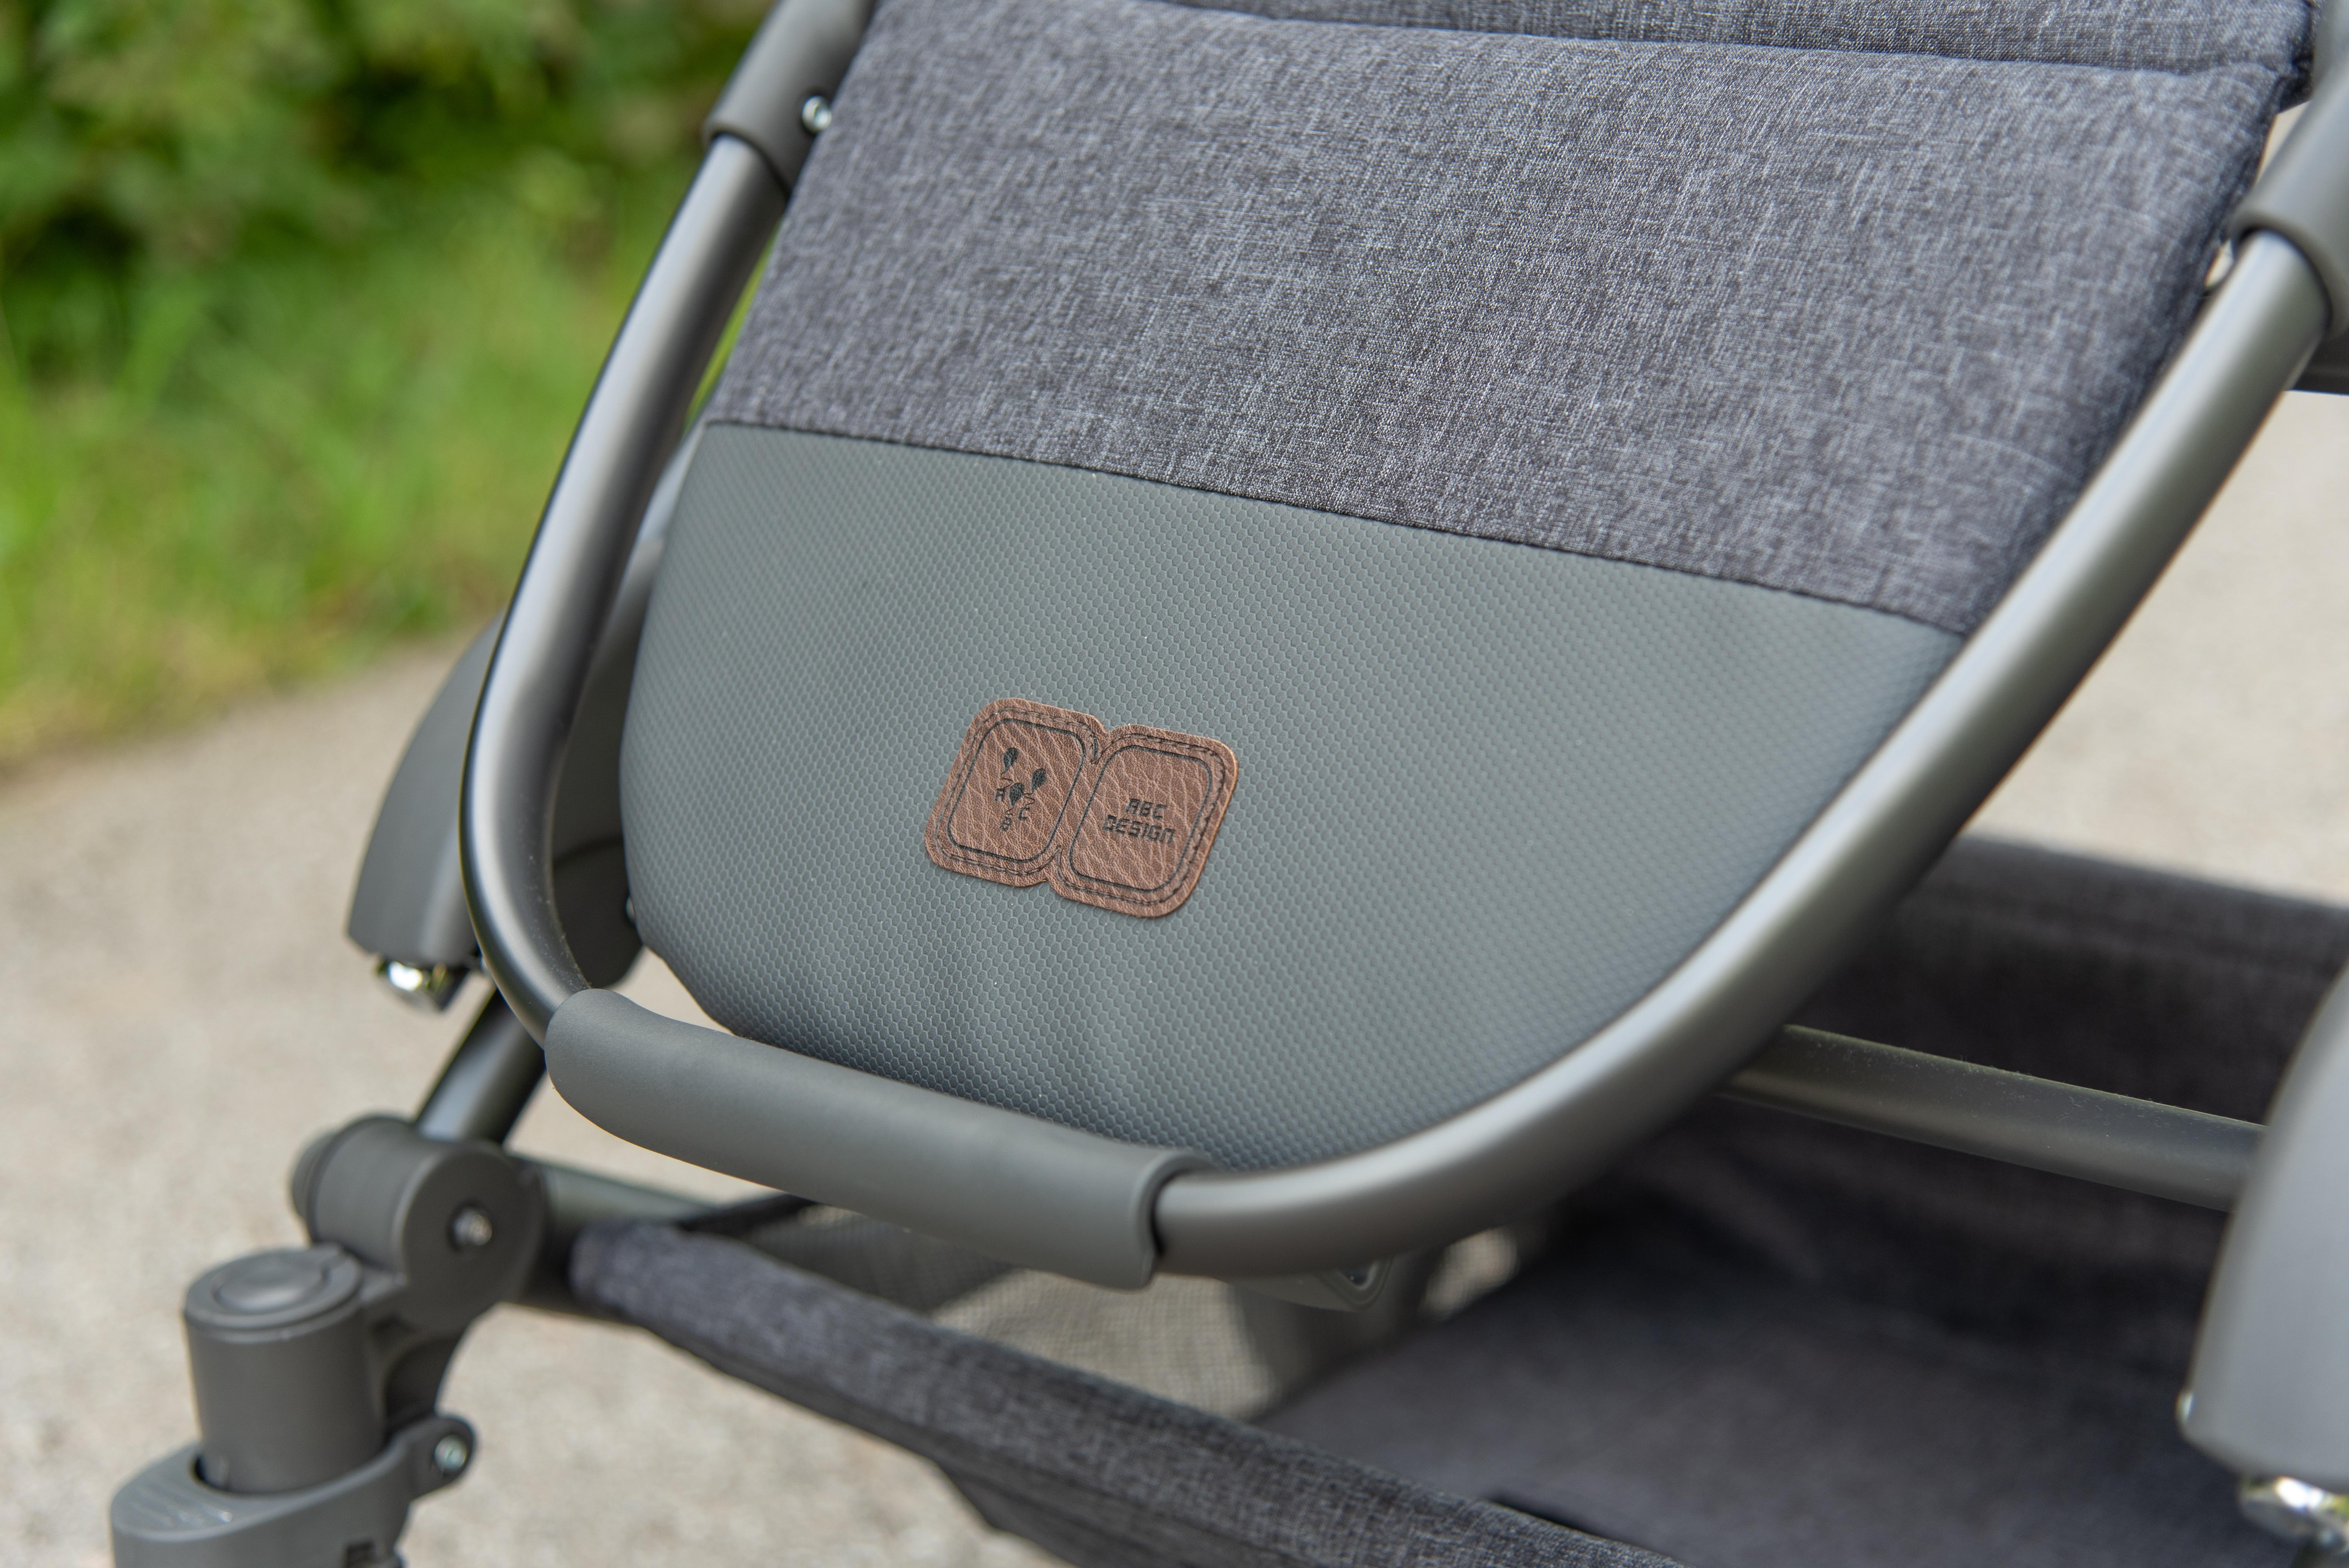 Condor 4 Kombi-Kinderwagen: Sportsitz mit gummierter Fußstütze